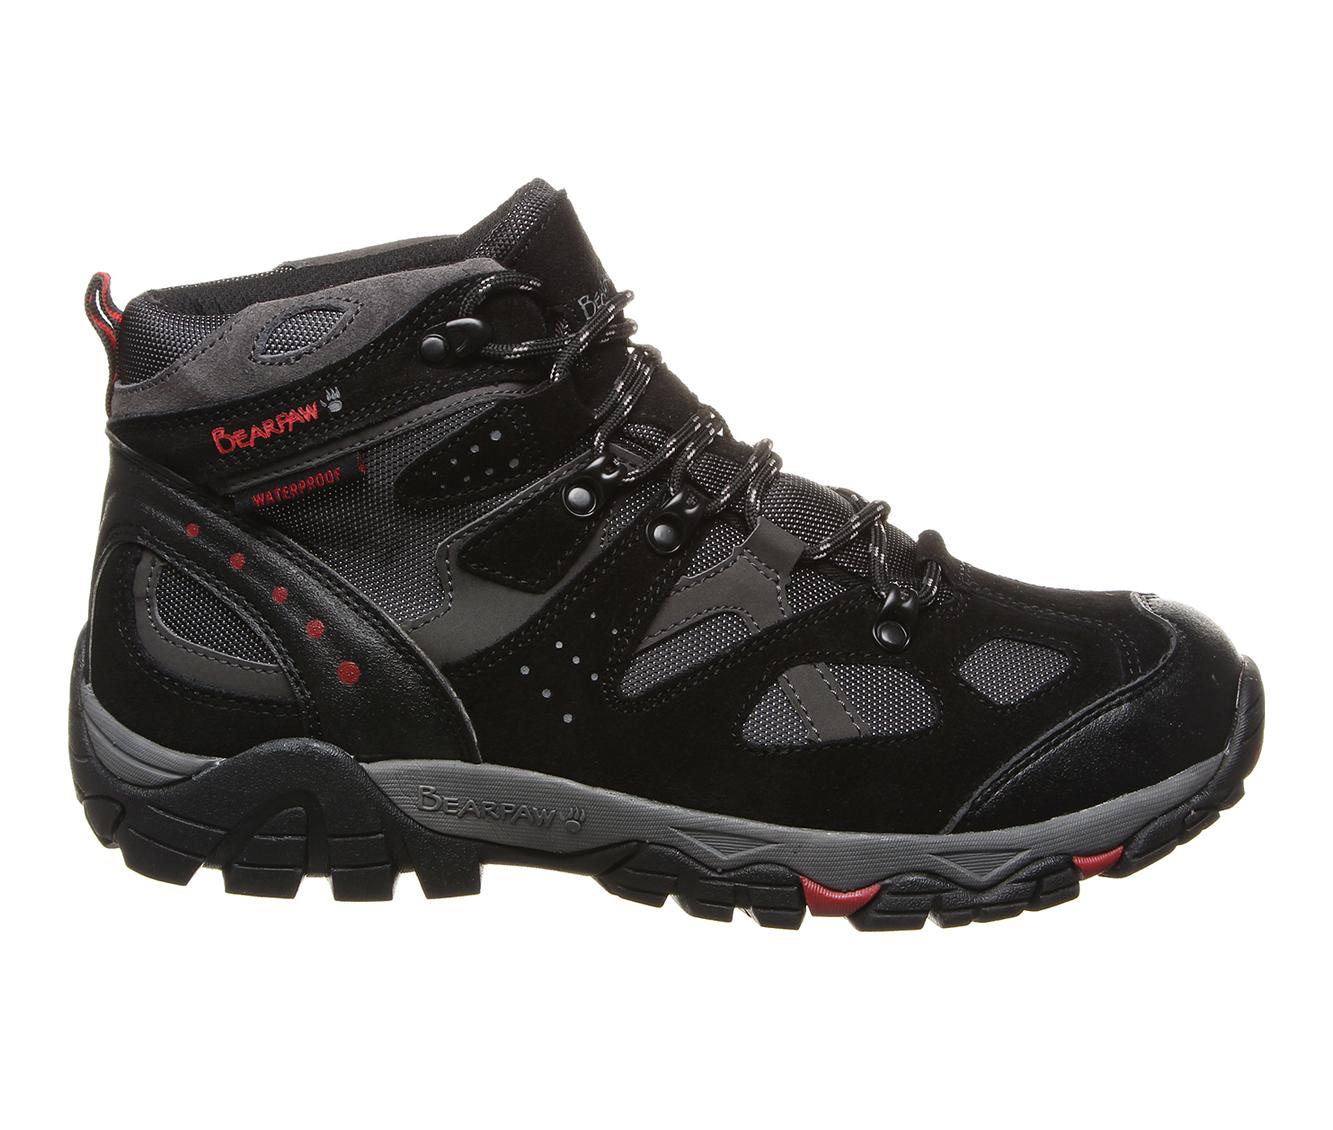 Bearpaw Brock Men's Boots (Black)